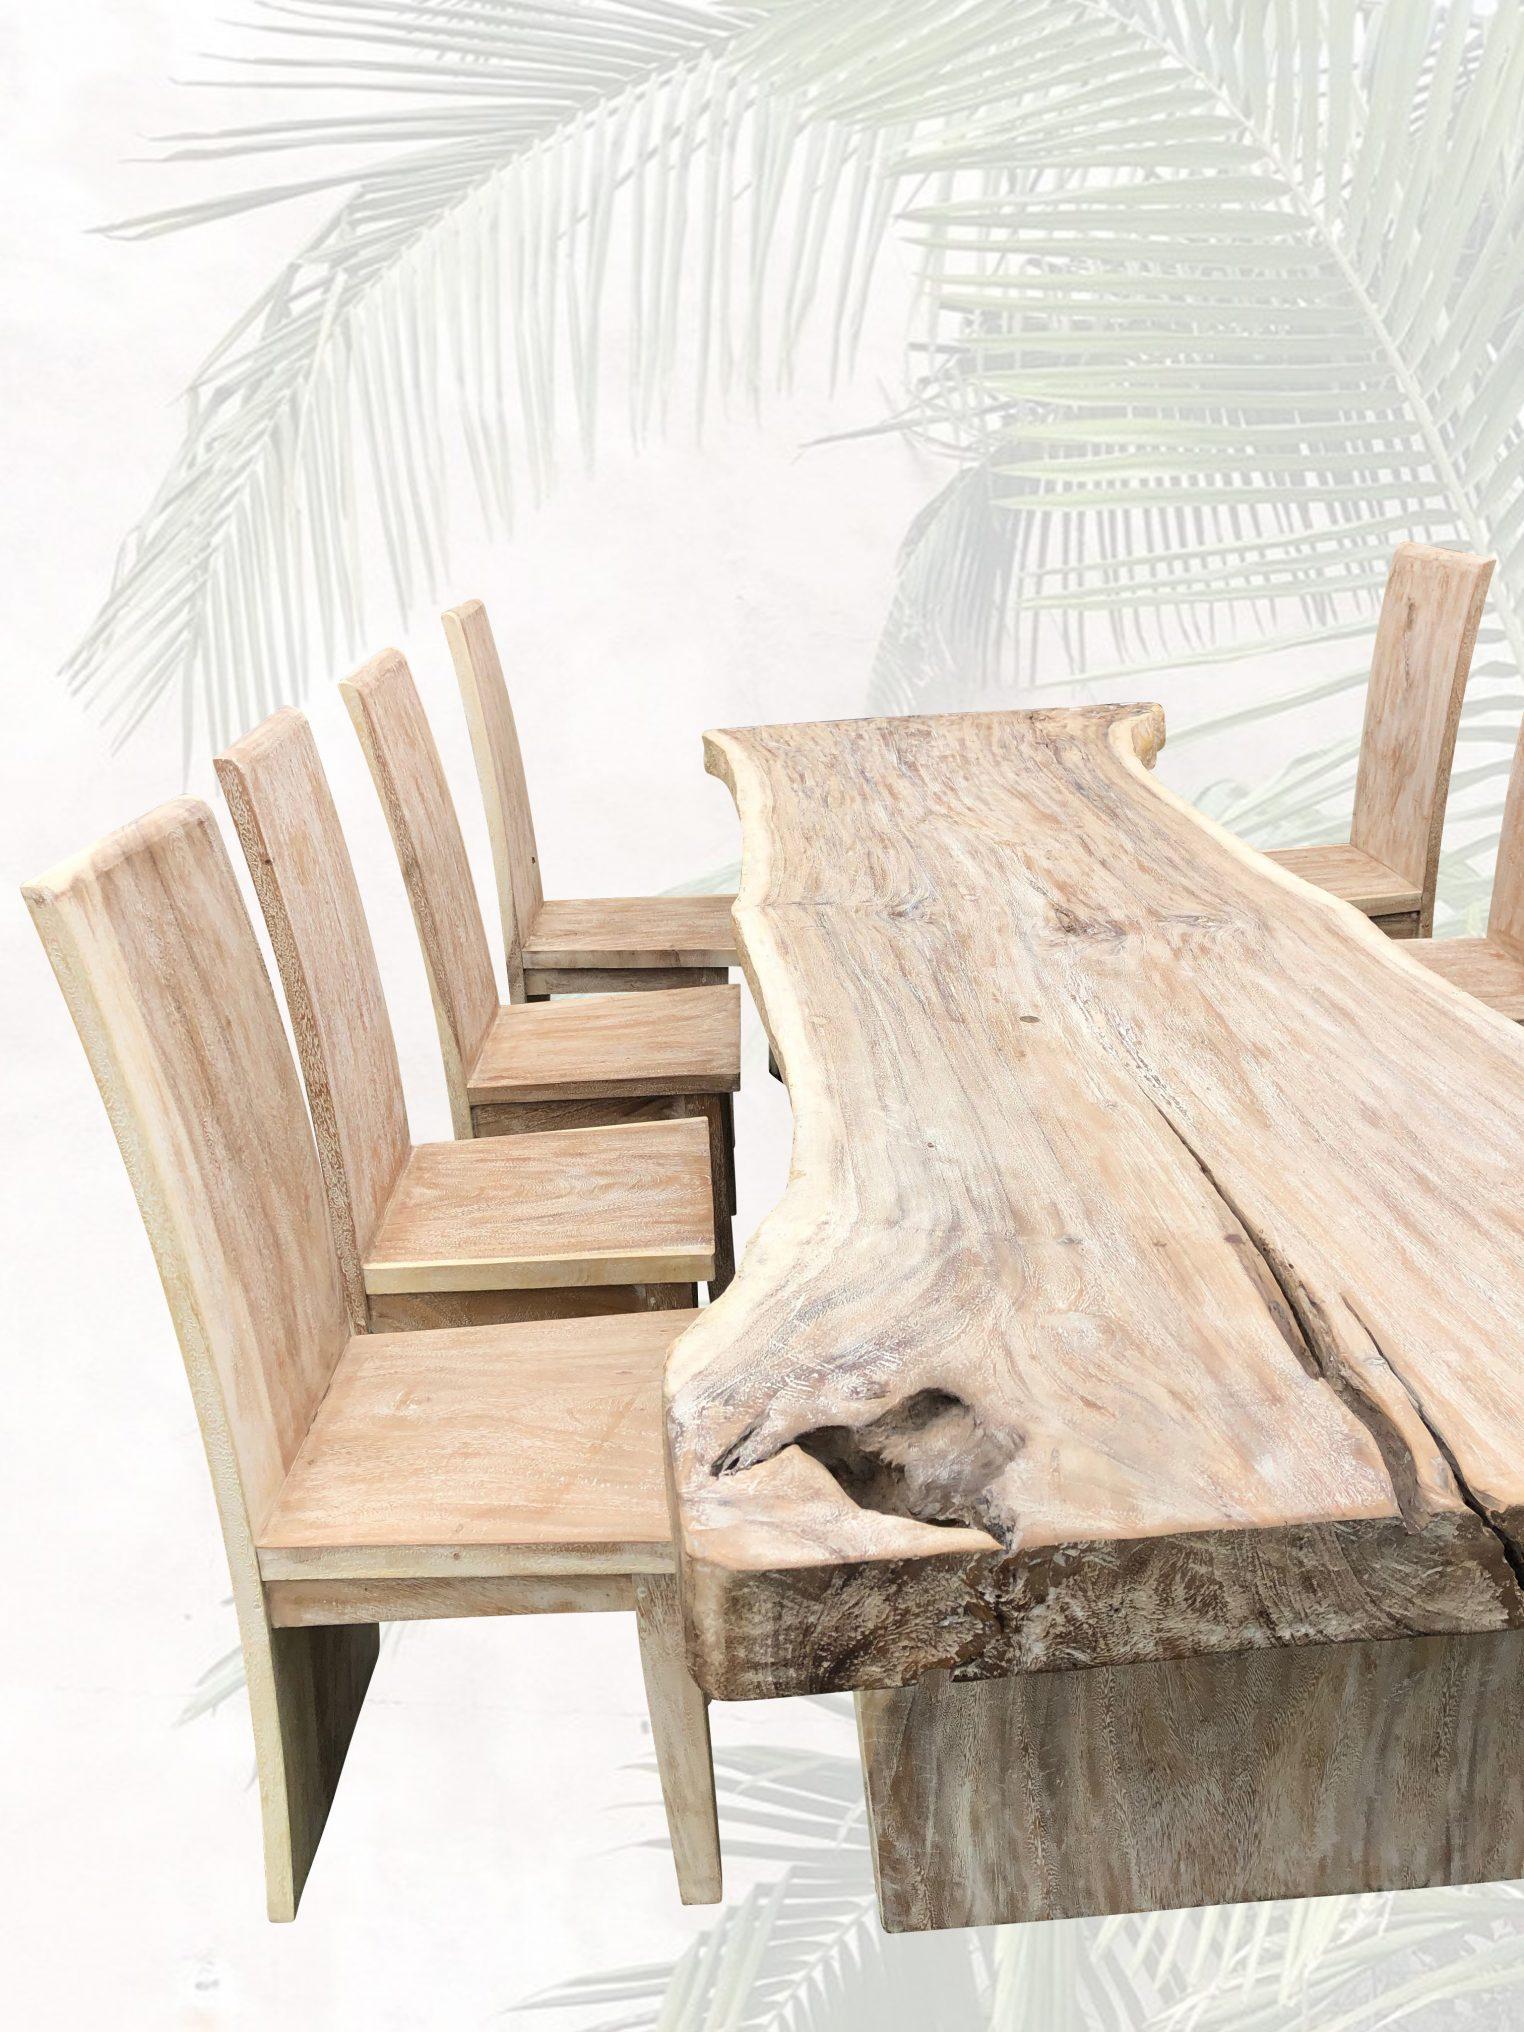 Full Size of Groer Esstisch Massivholz Mit 8 Sthlen Dari Asia Antike Stühle Kleine Esstische Oval Grau Betonplatte Eiche Rund Stühlen Designer Modern Weiß Ausziehbar Esstische Stühle Esstisch